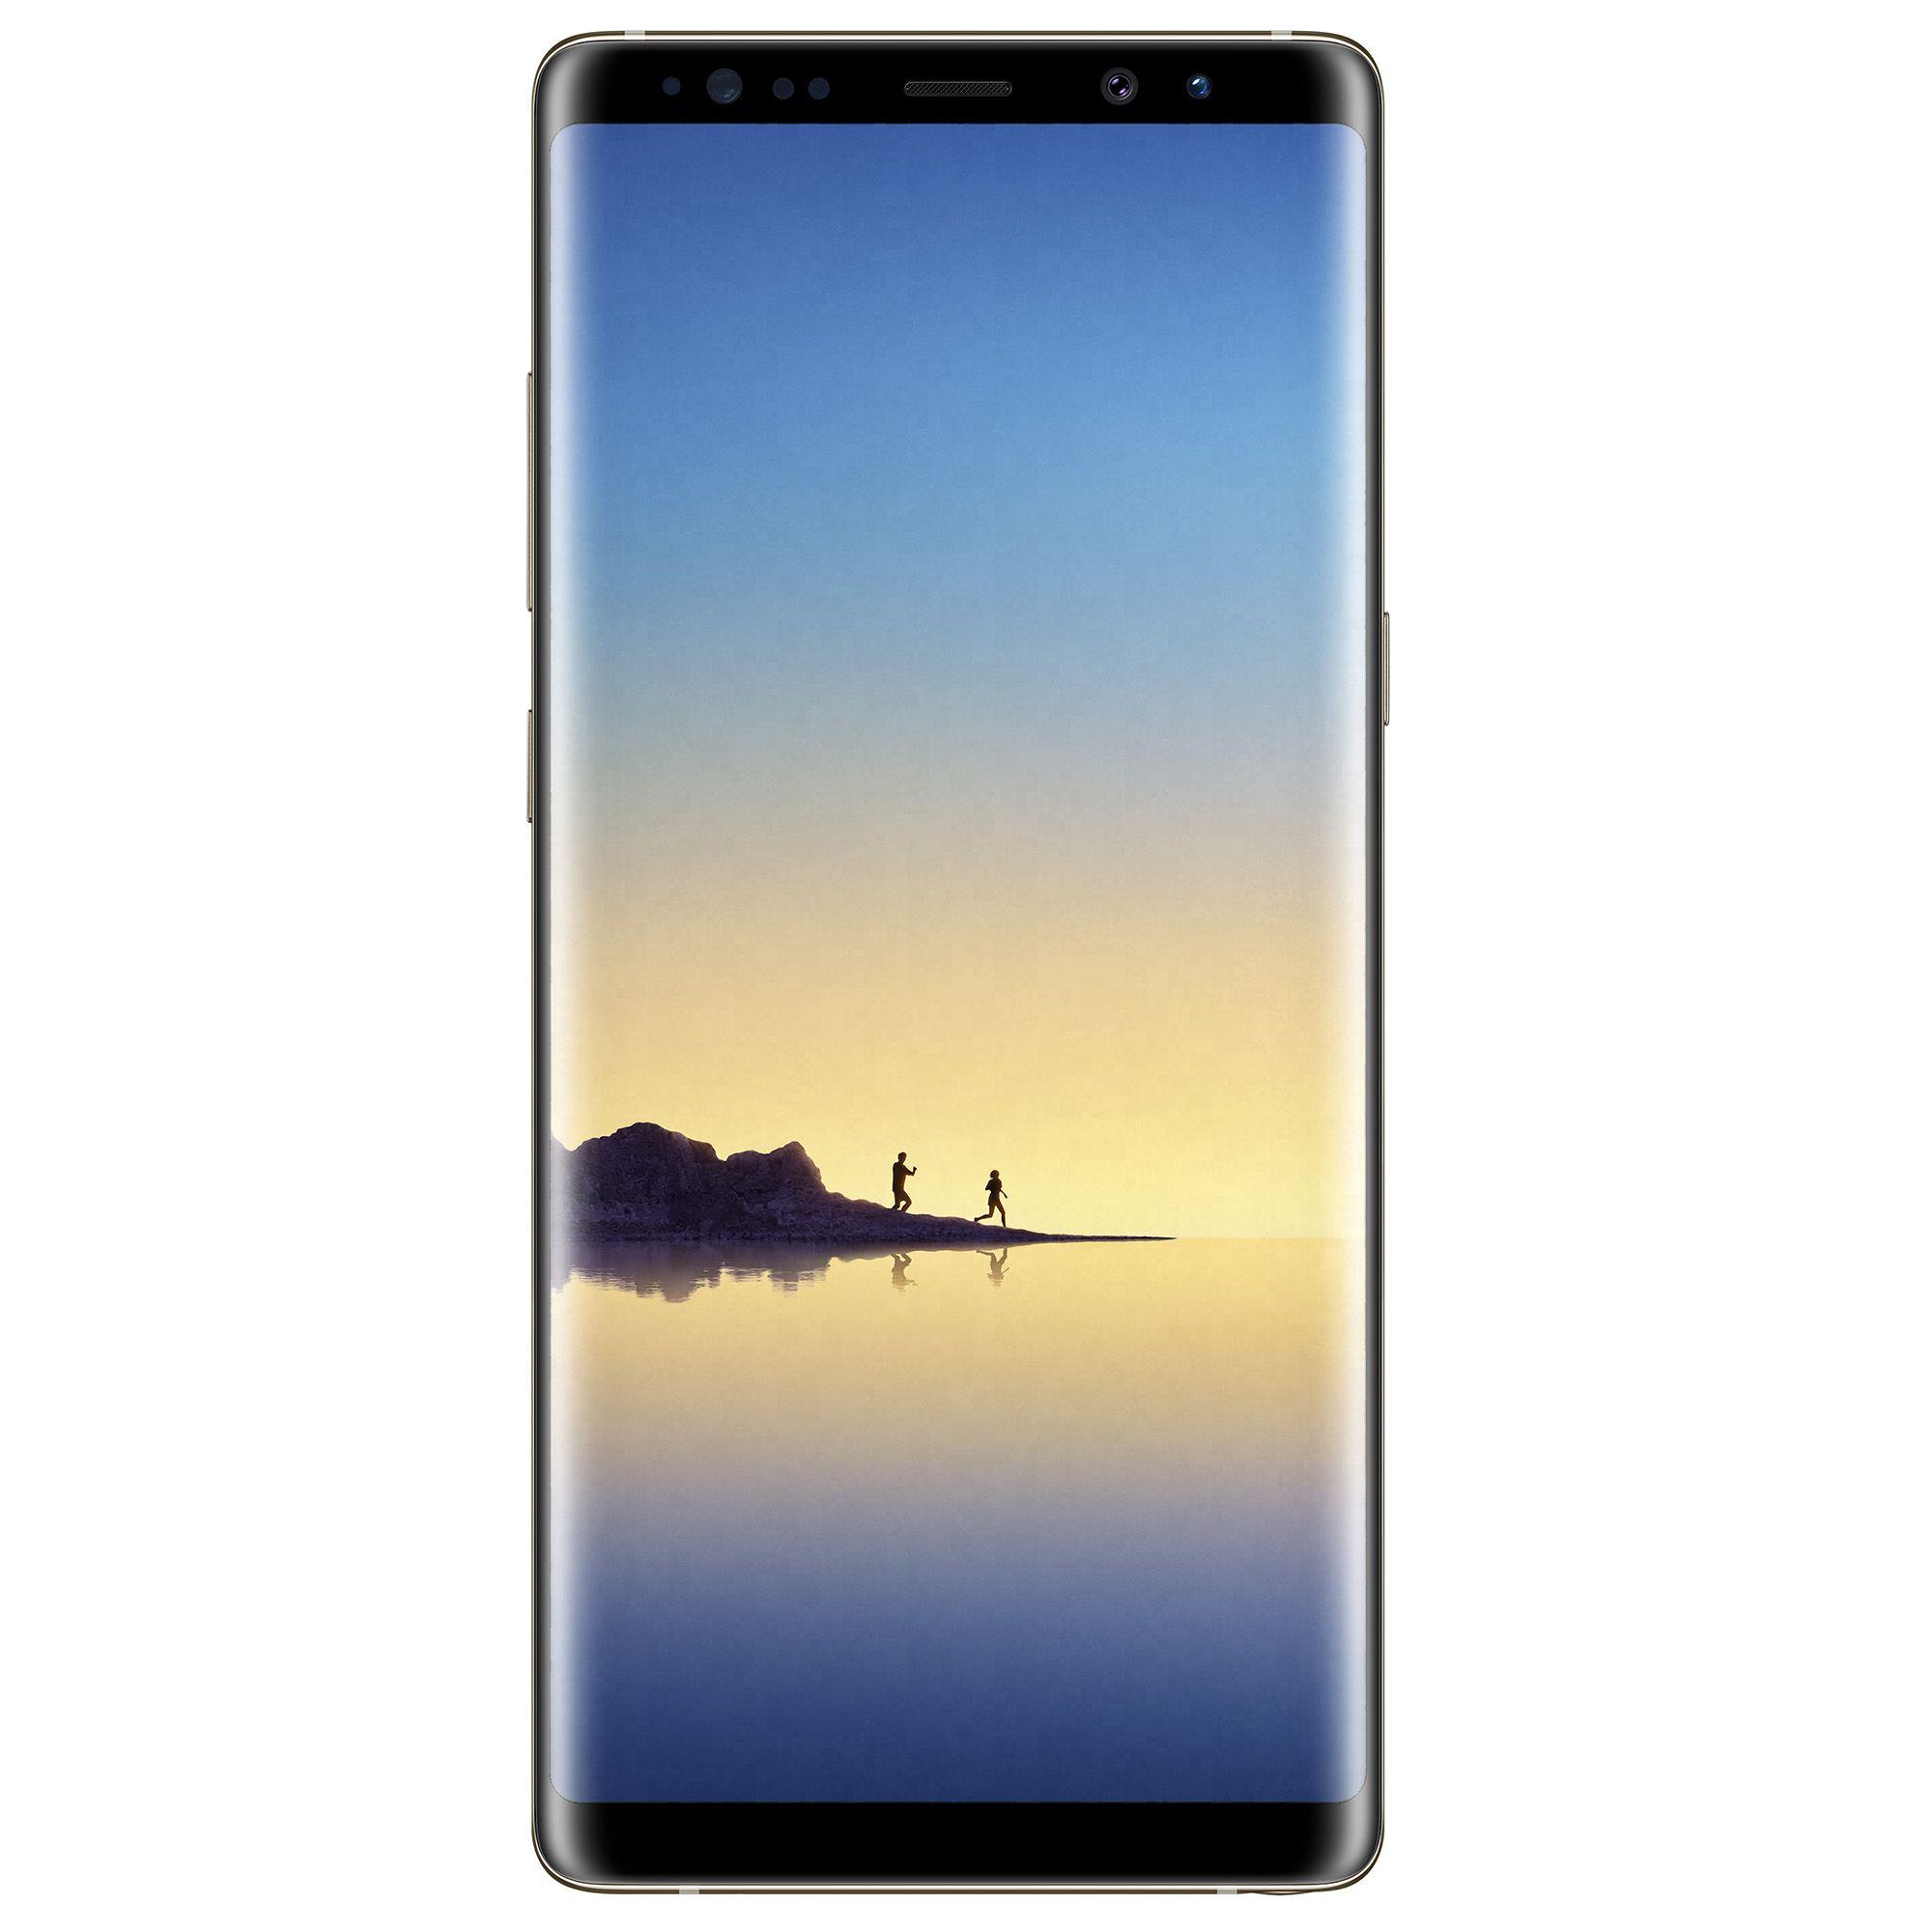 Telefon Mobil Samsung Galaxy Note 8 N950 64GB Flash 6GB RAM Dual SIM 4G Maple Gold